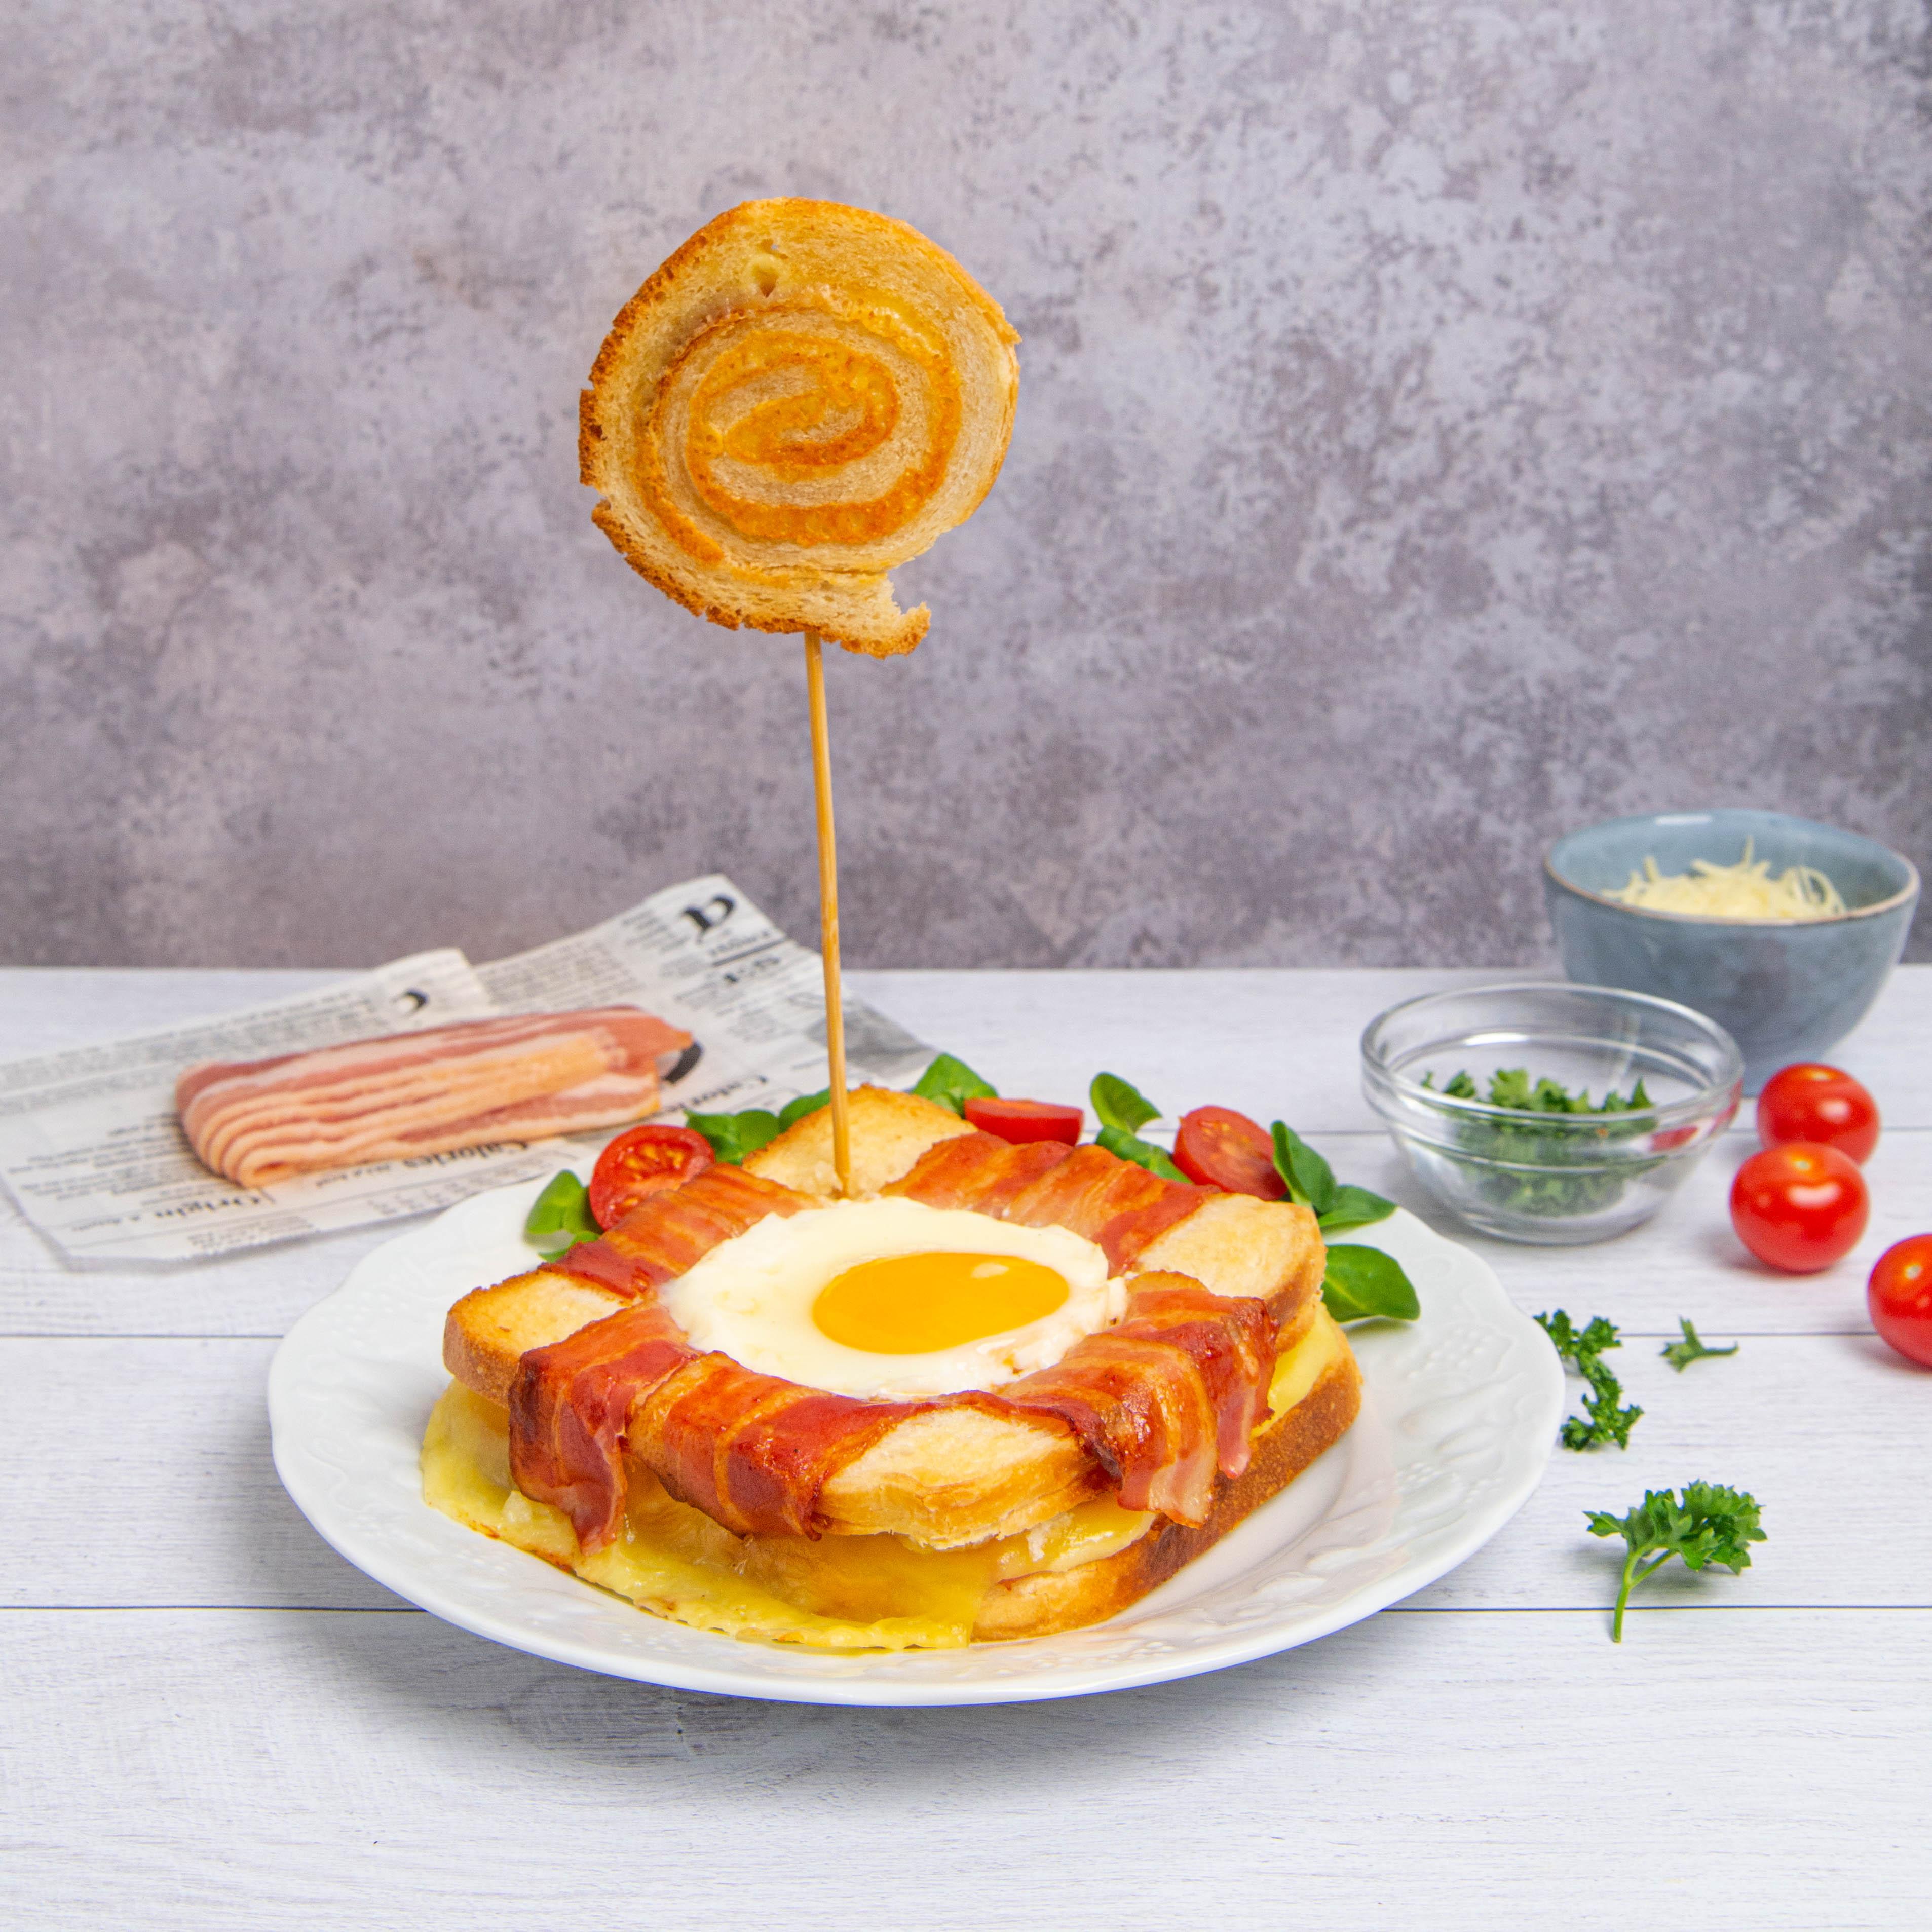 ¡Sándwich de jamón y queso con huevo!